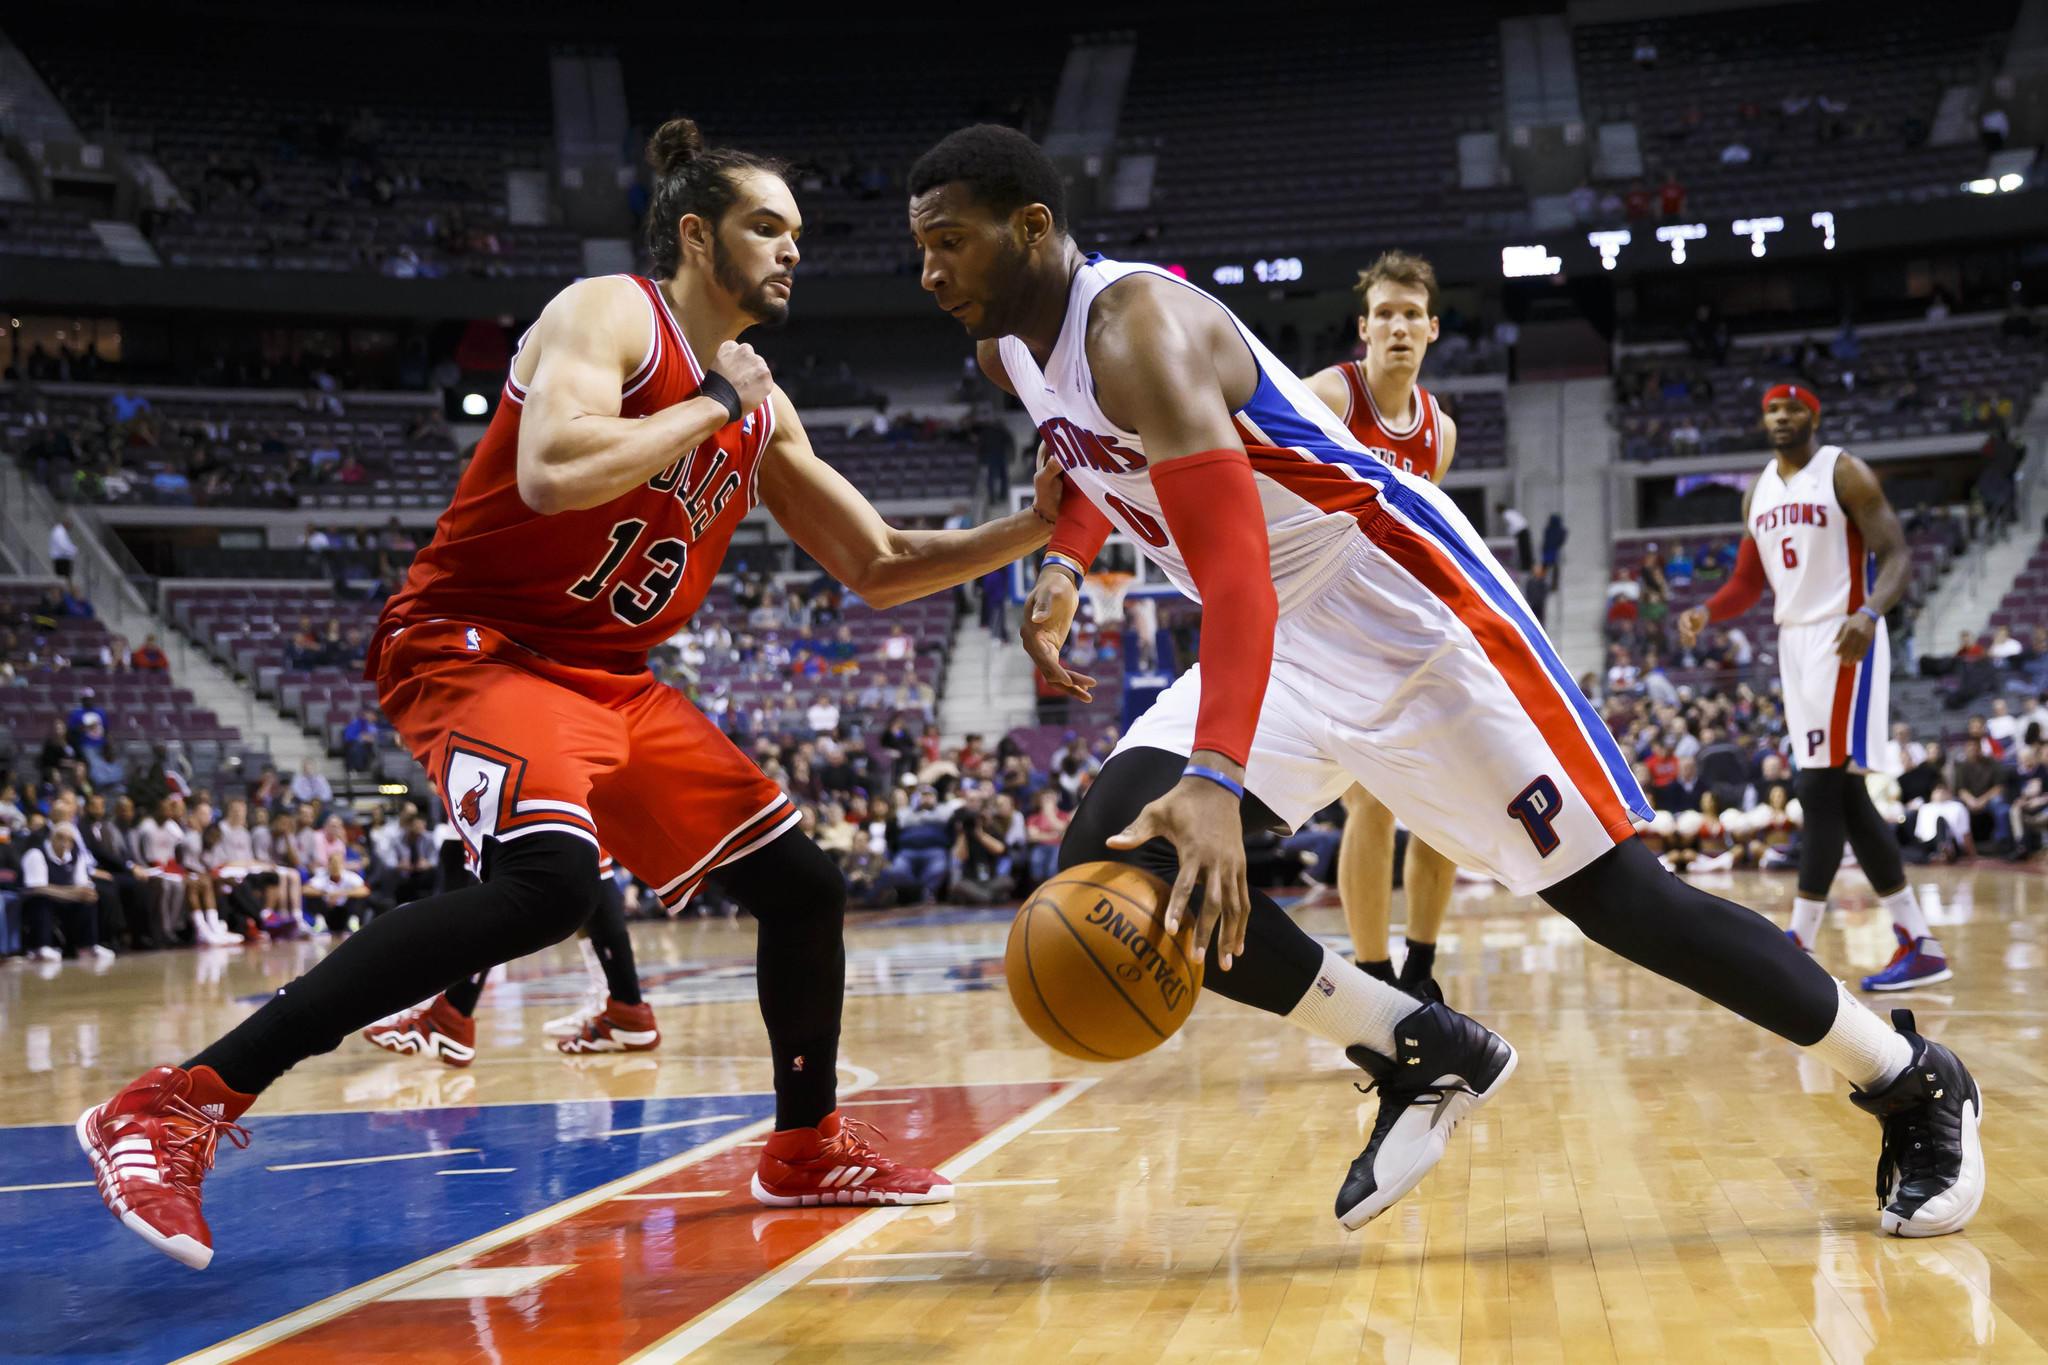 Detroit Pistons center Andre Drummond dribbles at Chicago Bulls center Joakim Noah.